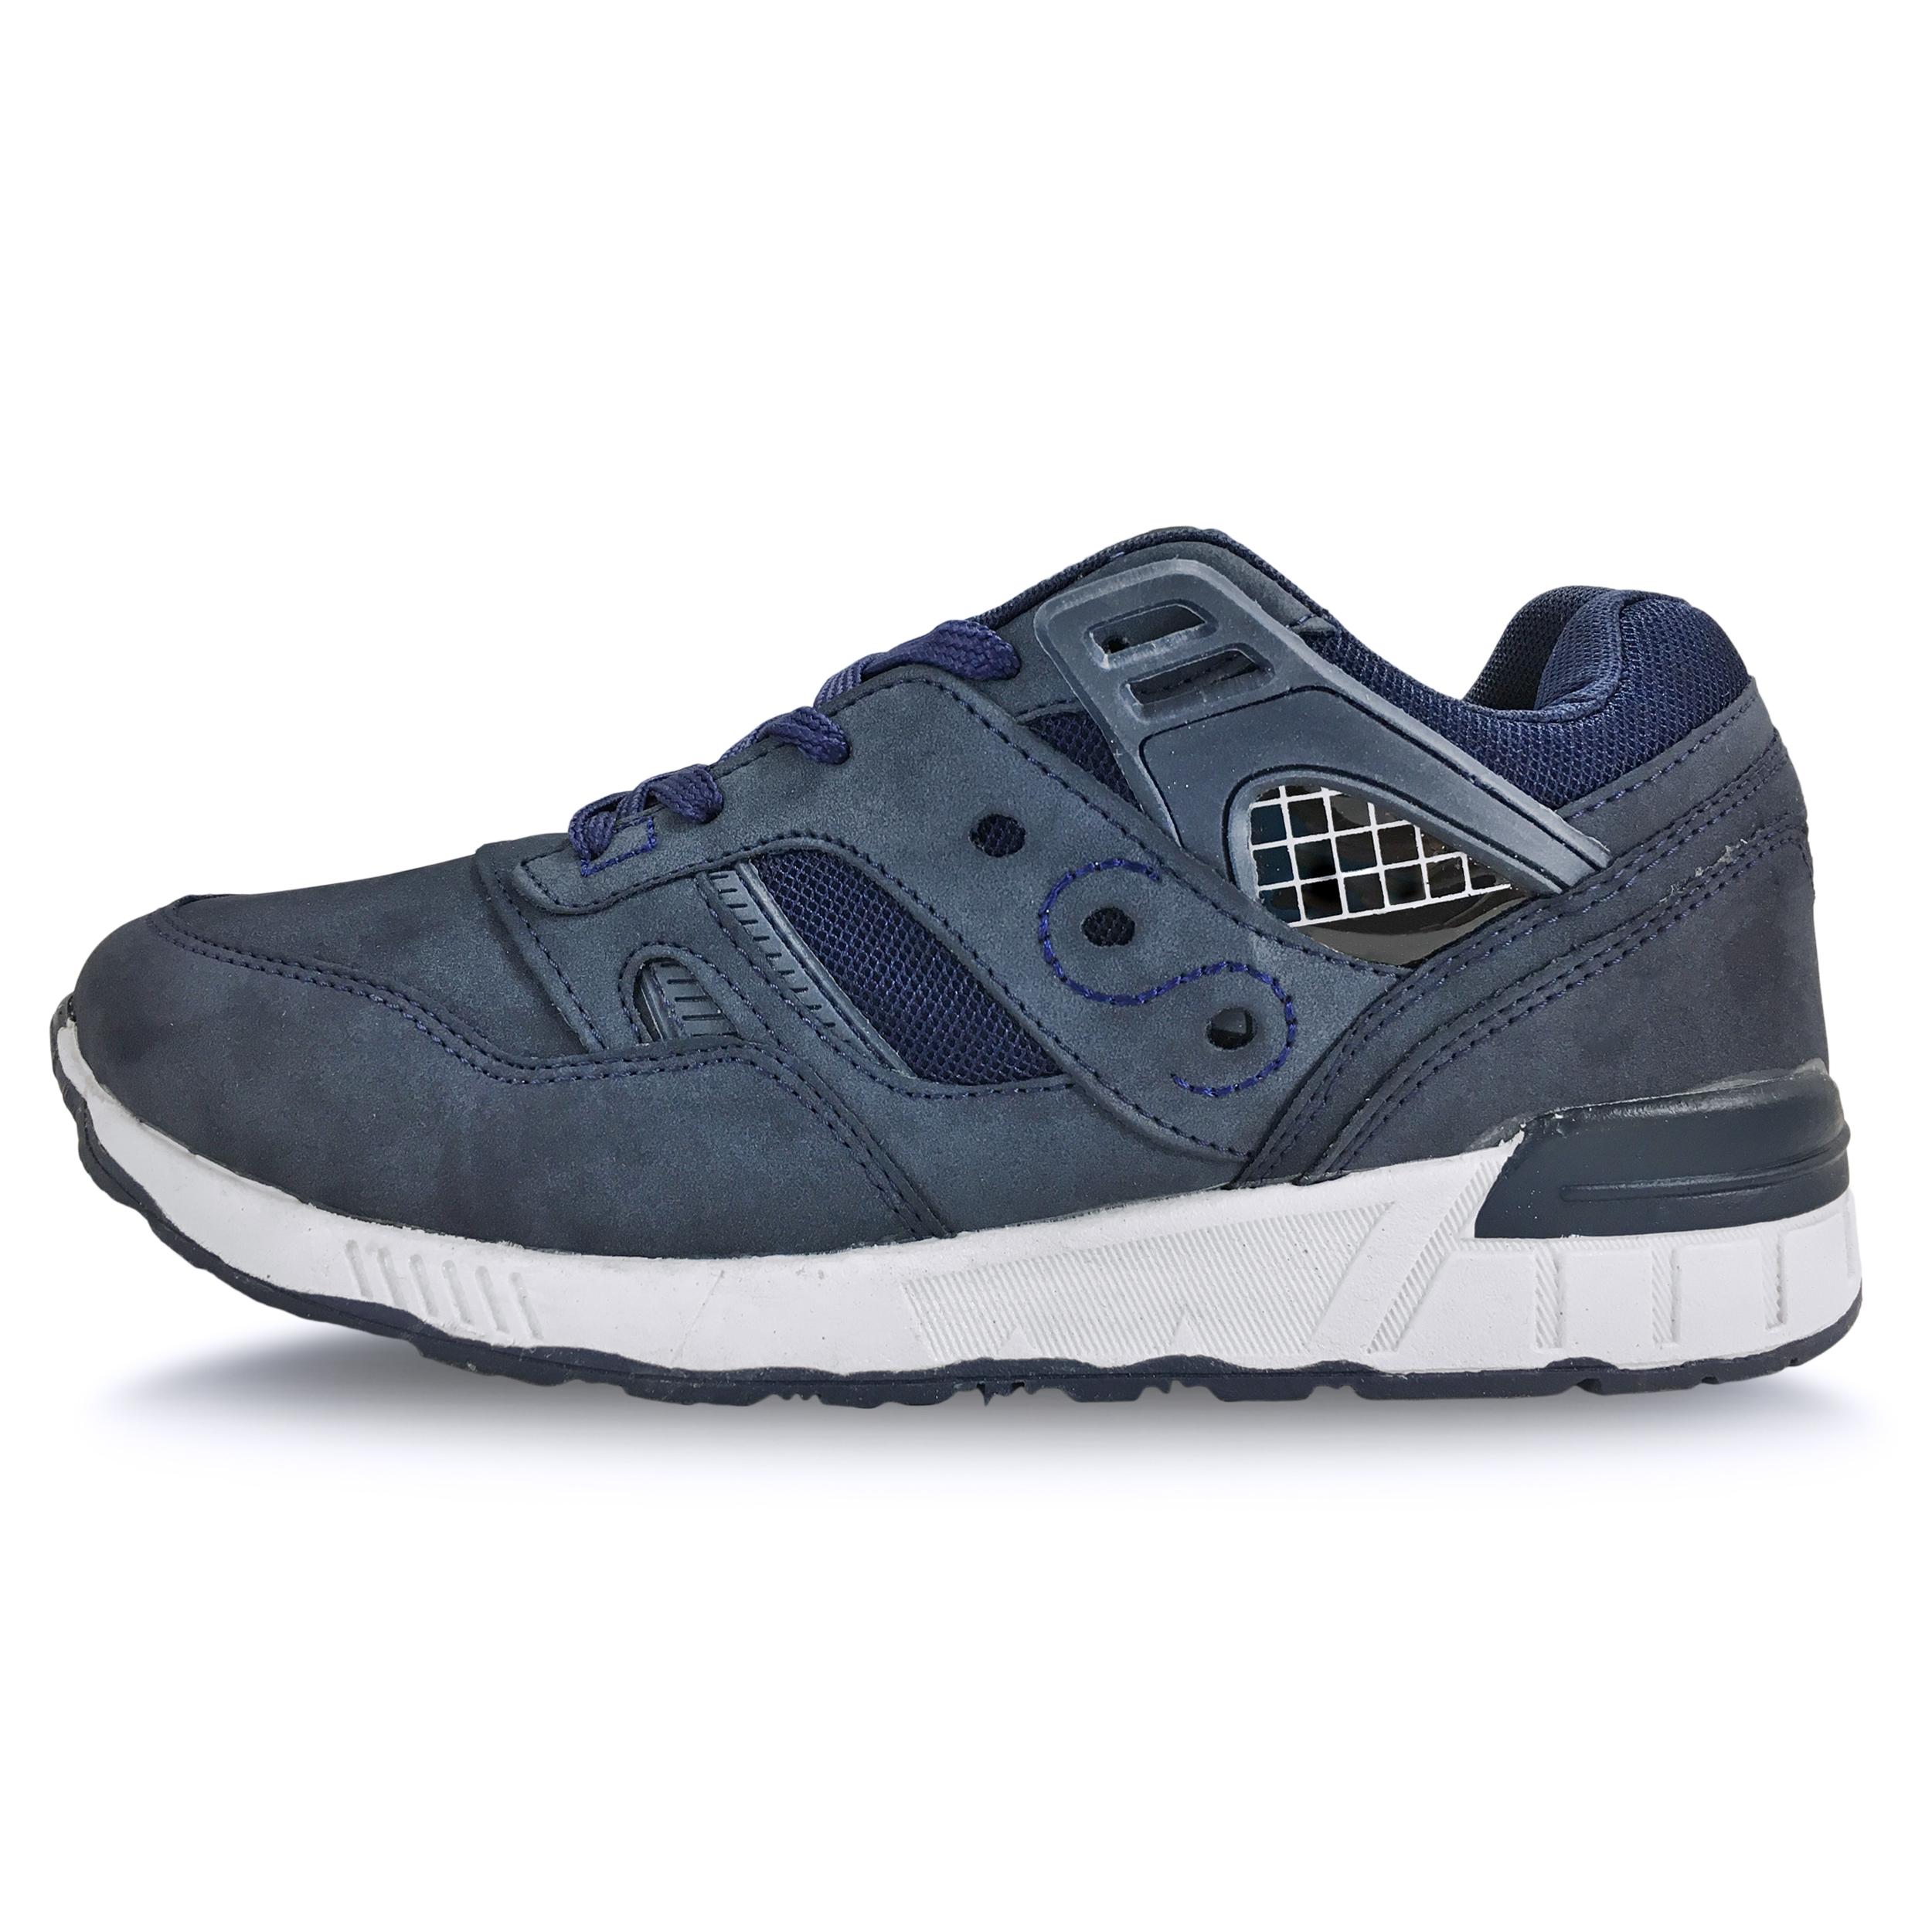 قیمت کفش مخصوص پیاده روی مردانه مدل سانی کد SJ125